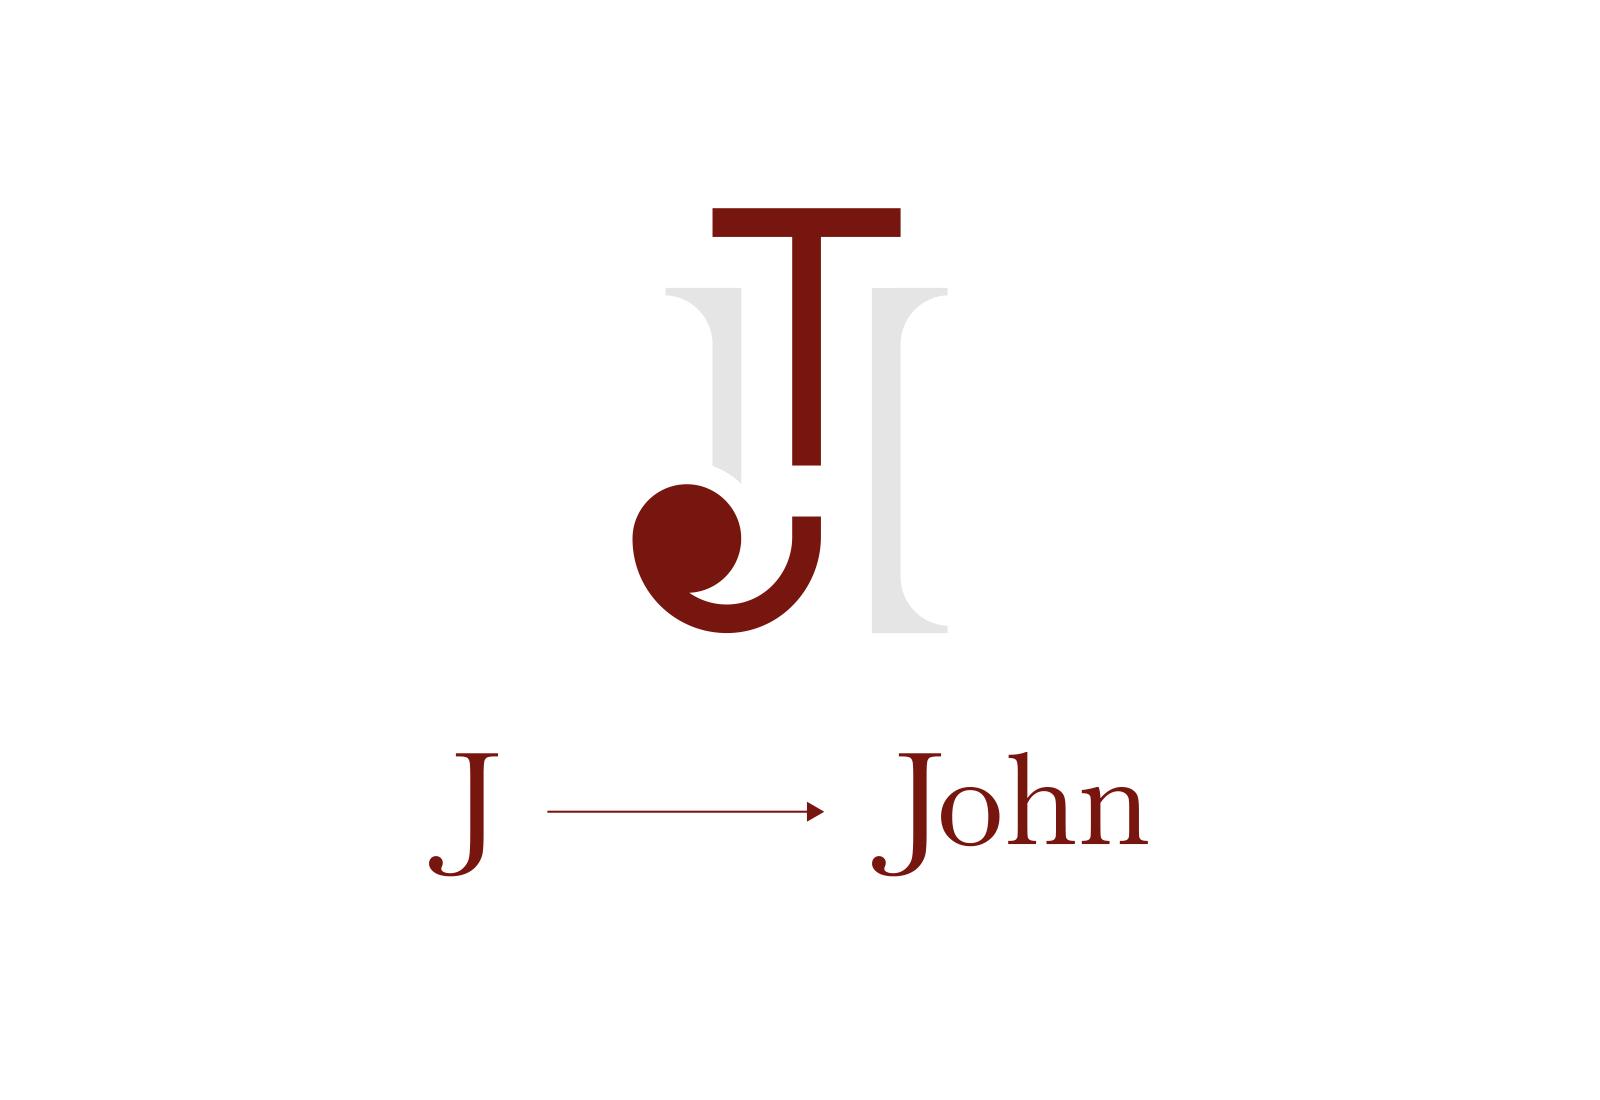 J di John evidenziata sul logo di john travor hotel bordeaux su sfondo bianco